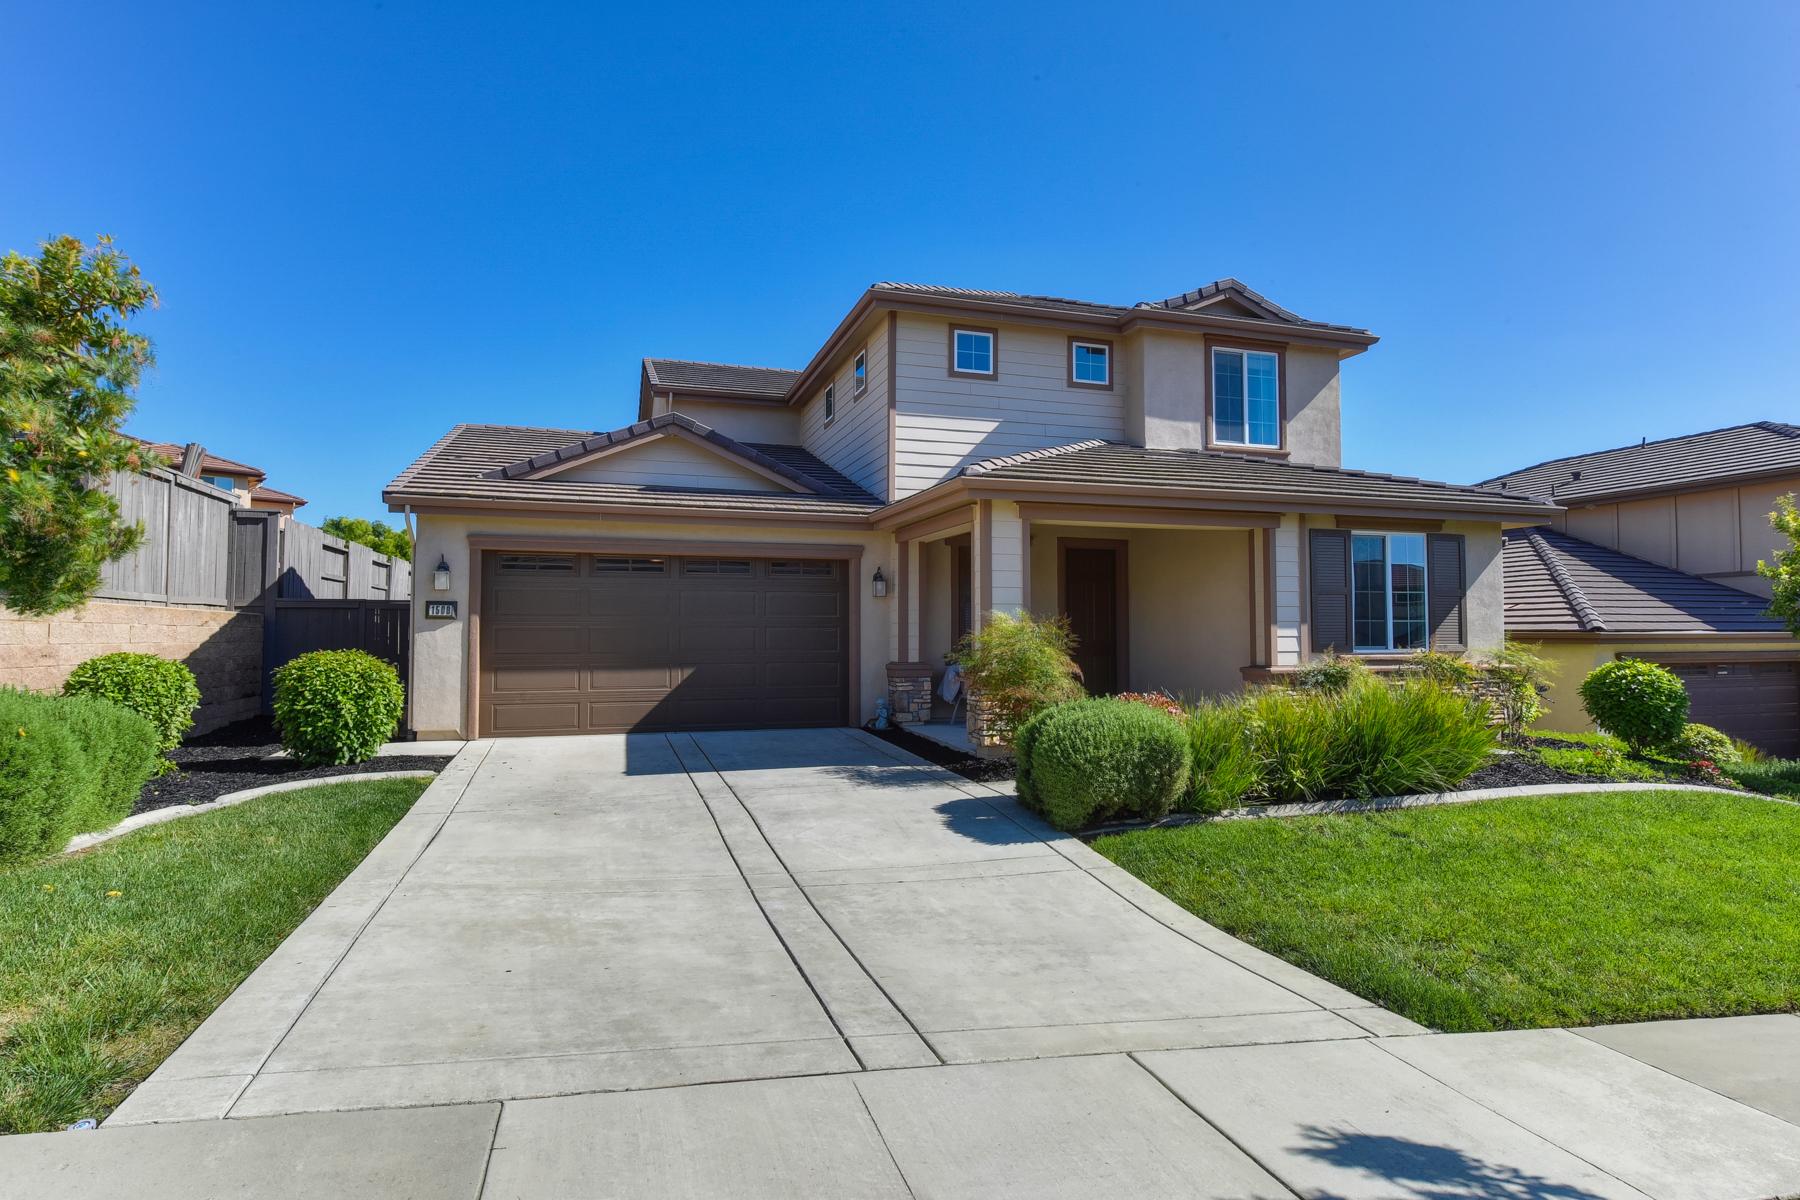 一戸建て のために 売買 アット 1508 Radford Loop, El Dorado Hills, CA 95762 El Dorado Hills, カリフォルニア 95762 アメリカ合衆国